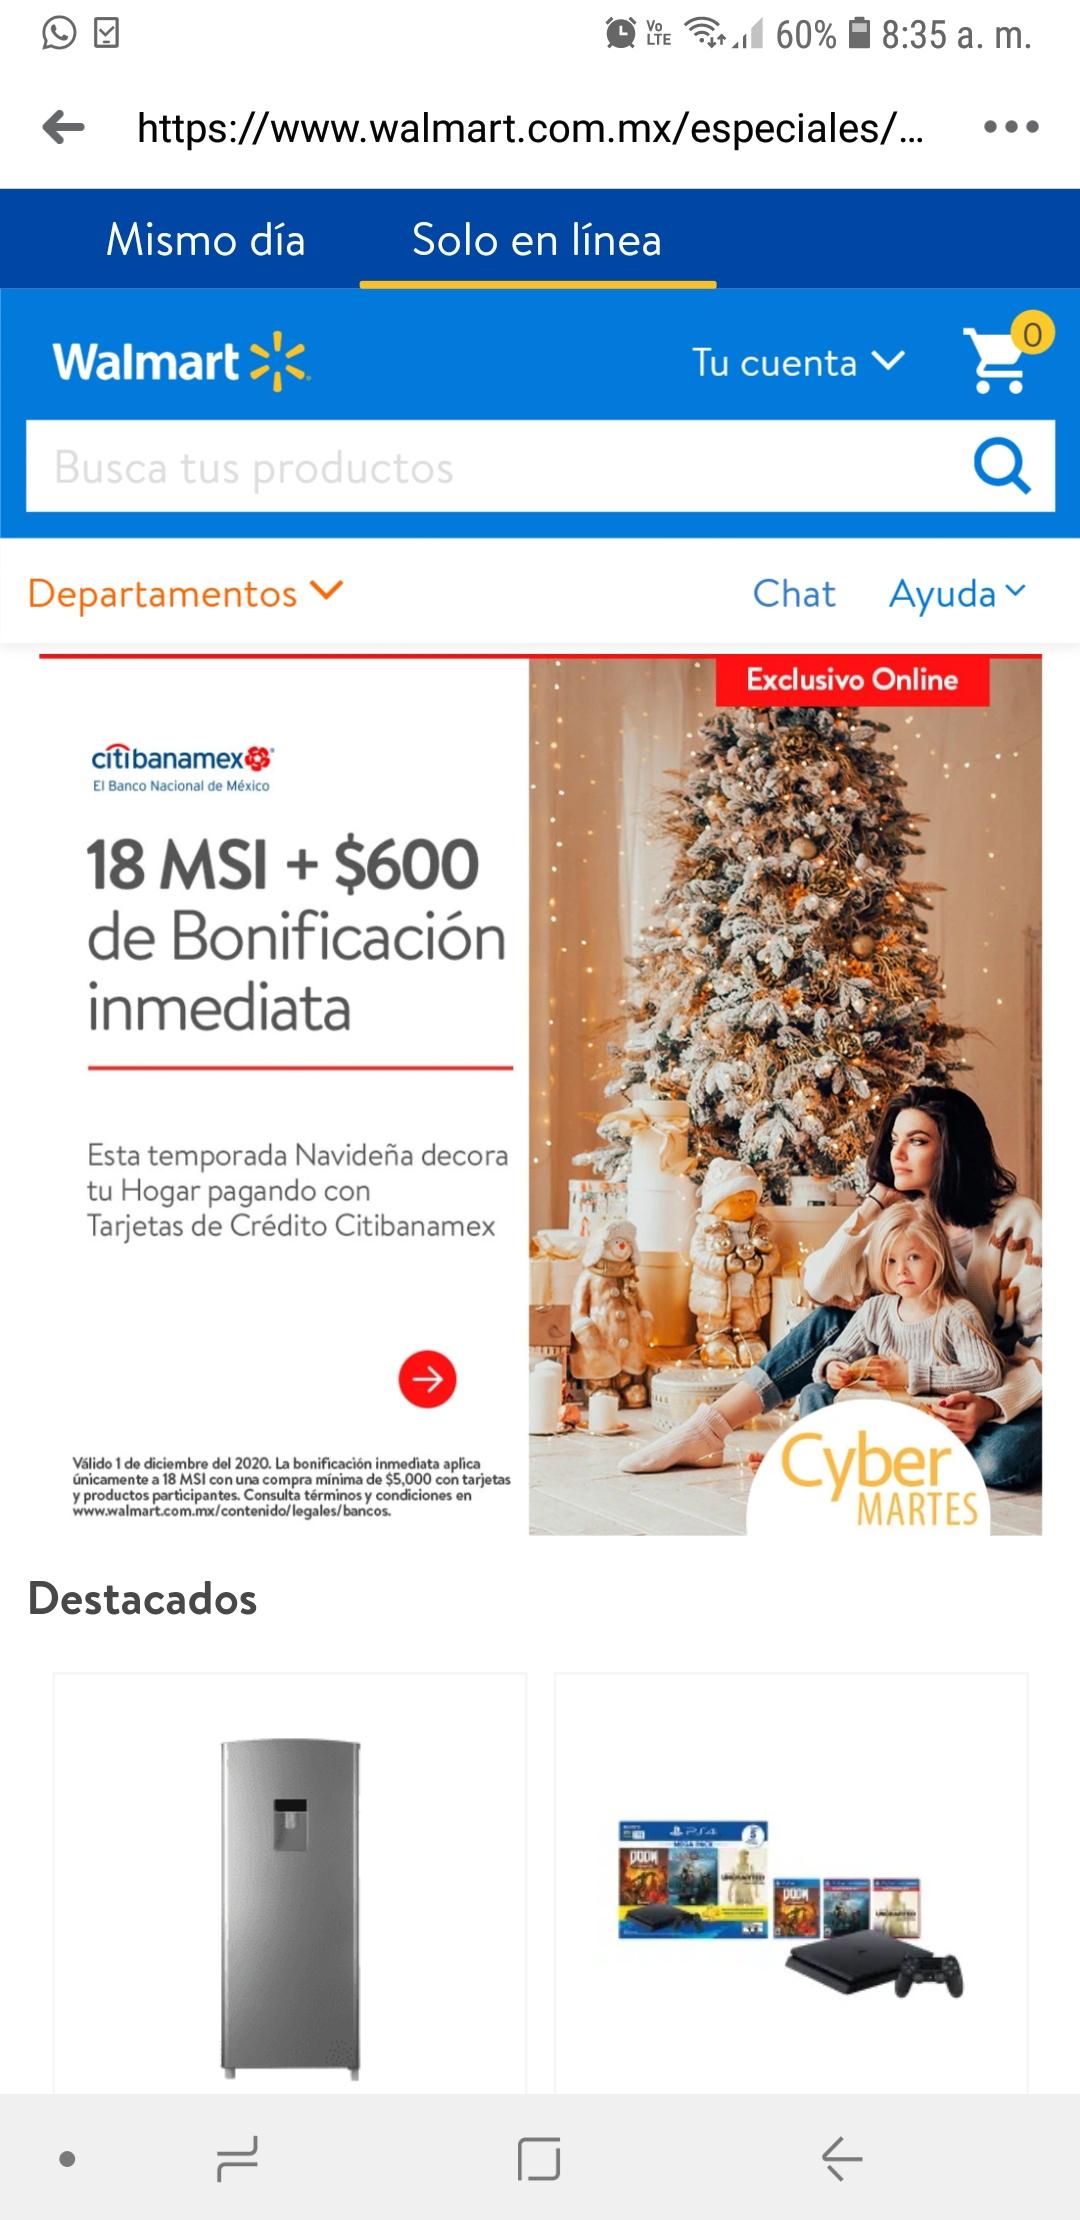 Cyber Martes Walmart: $600 bonificación inmediata en compras a 18 MSI con Citibanamex en artículos seleccionados